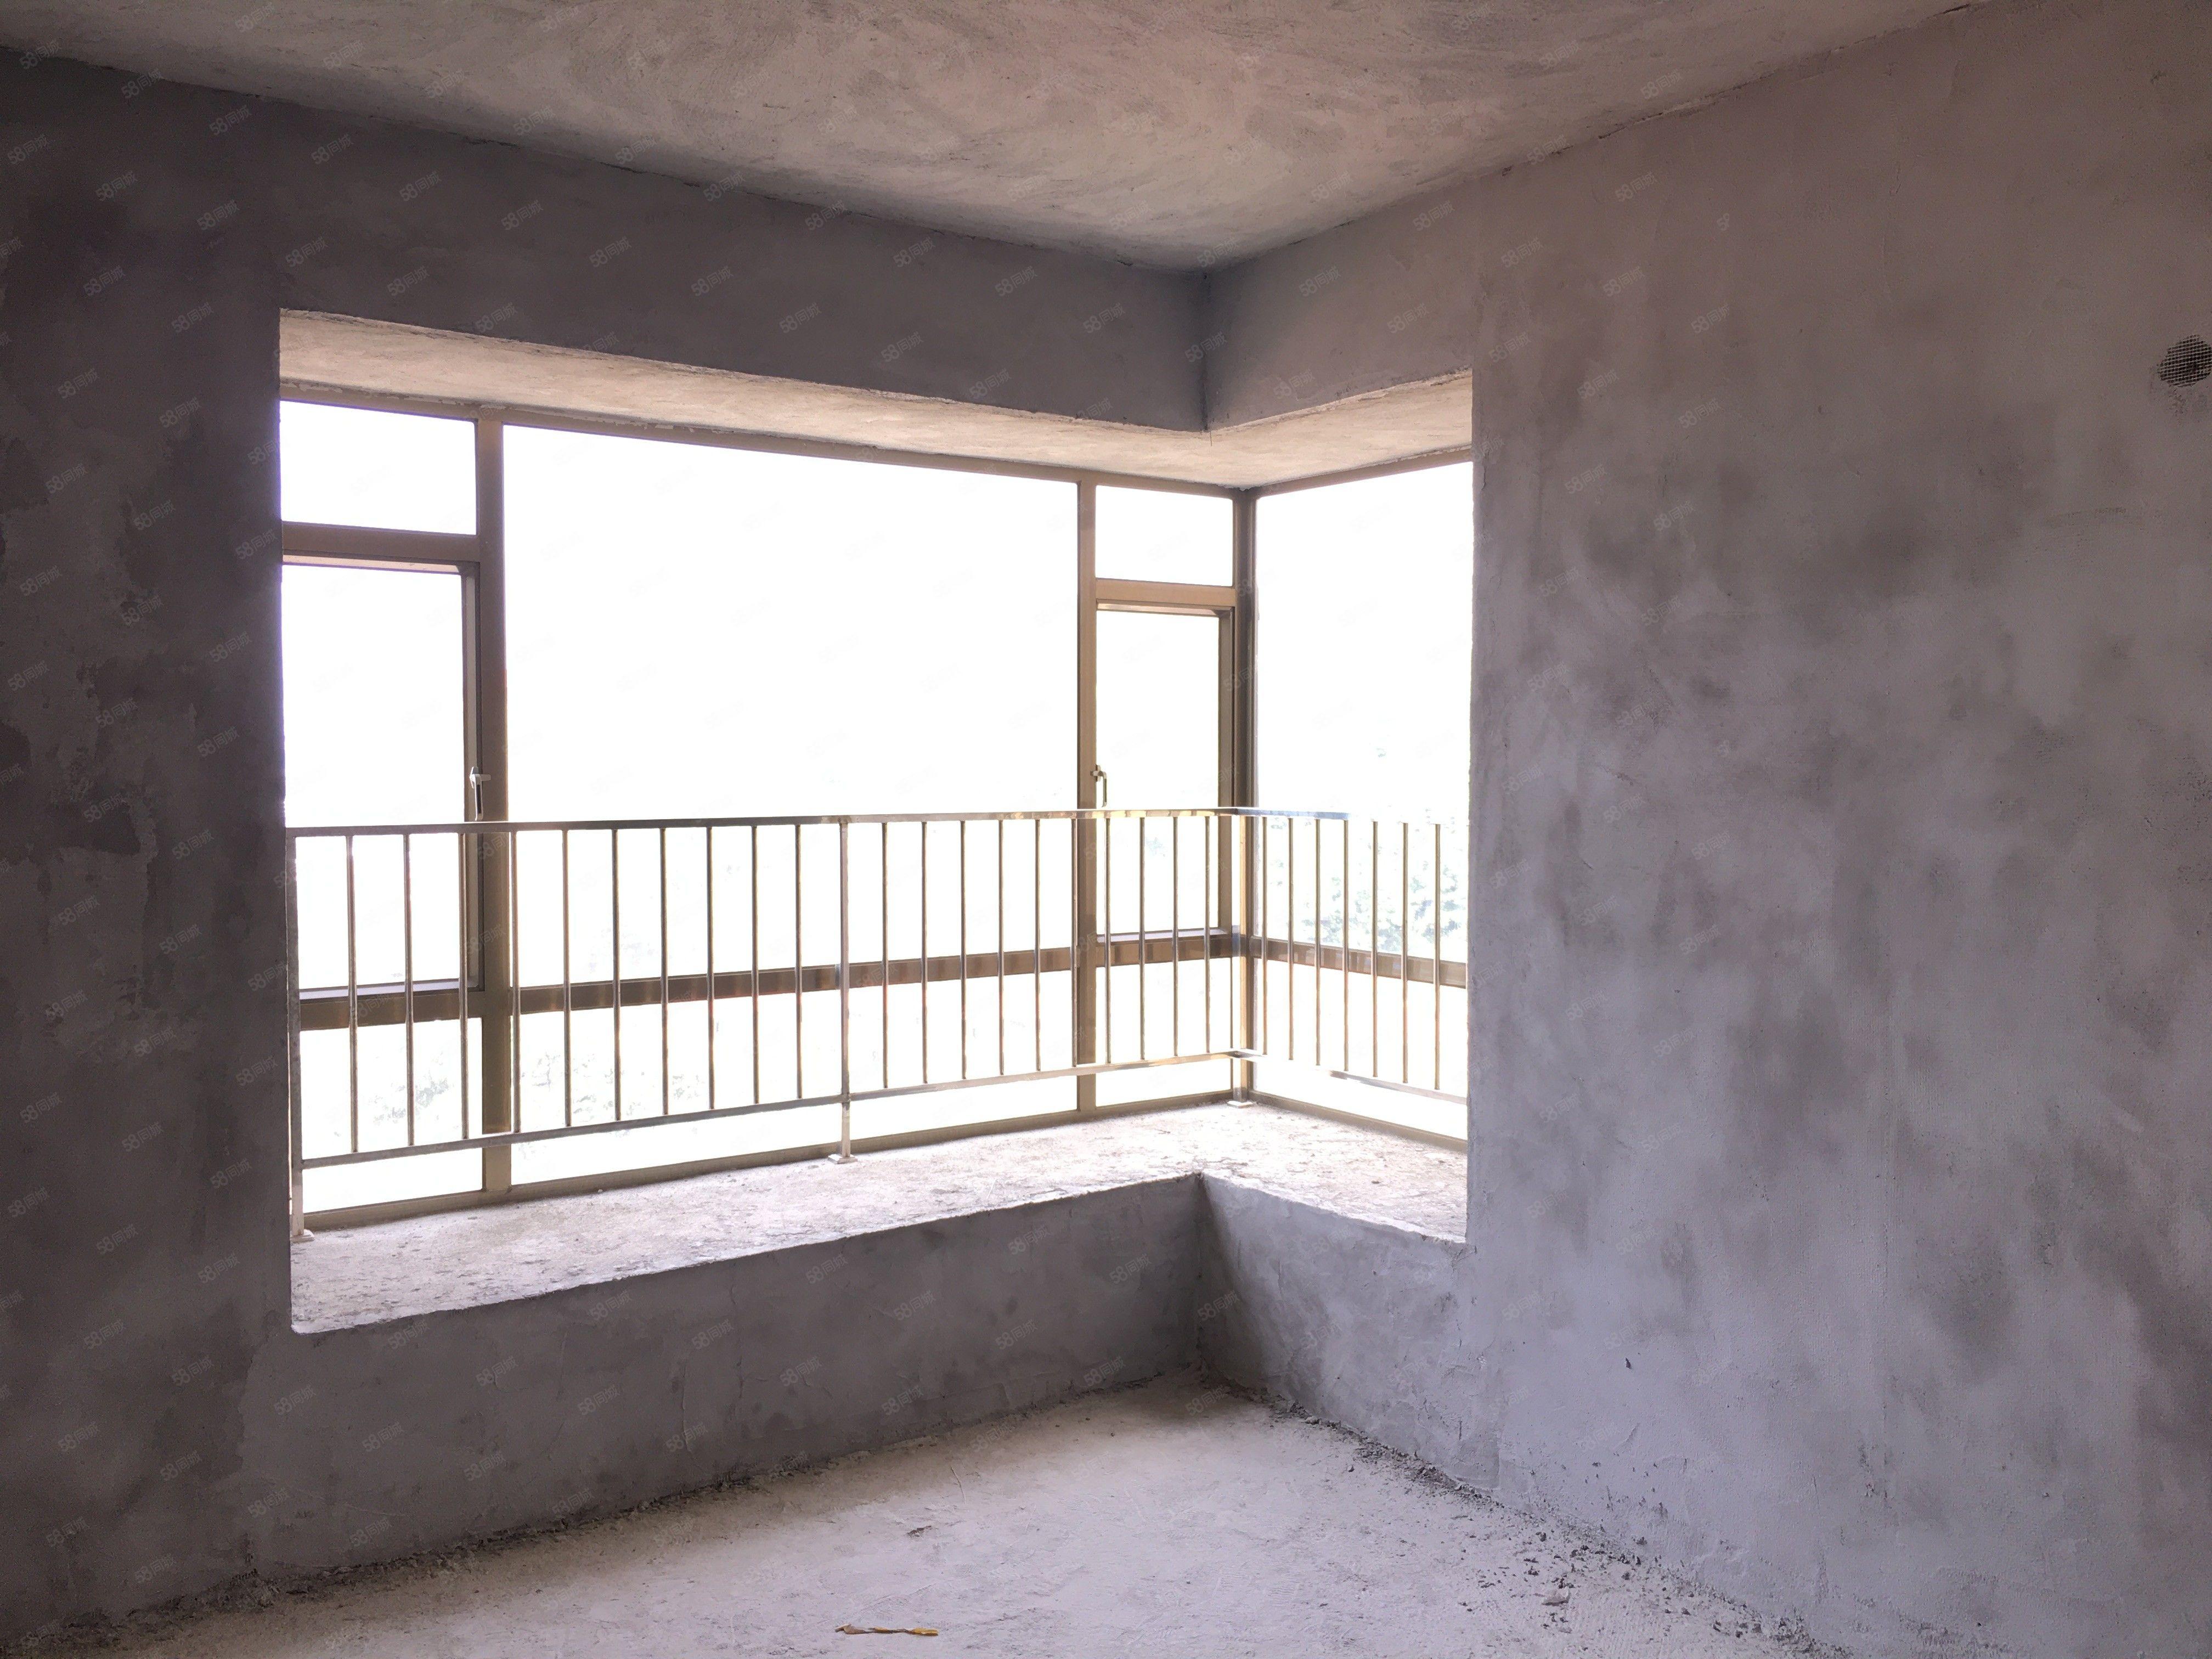 官山御景电梯3房向南仅售53.8万